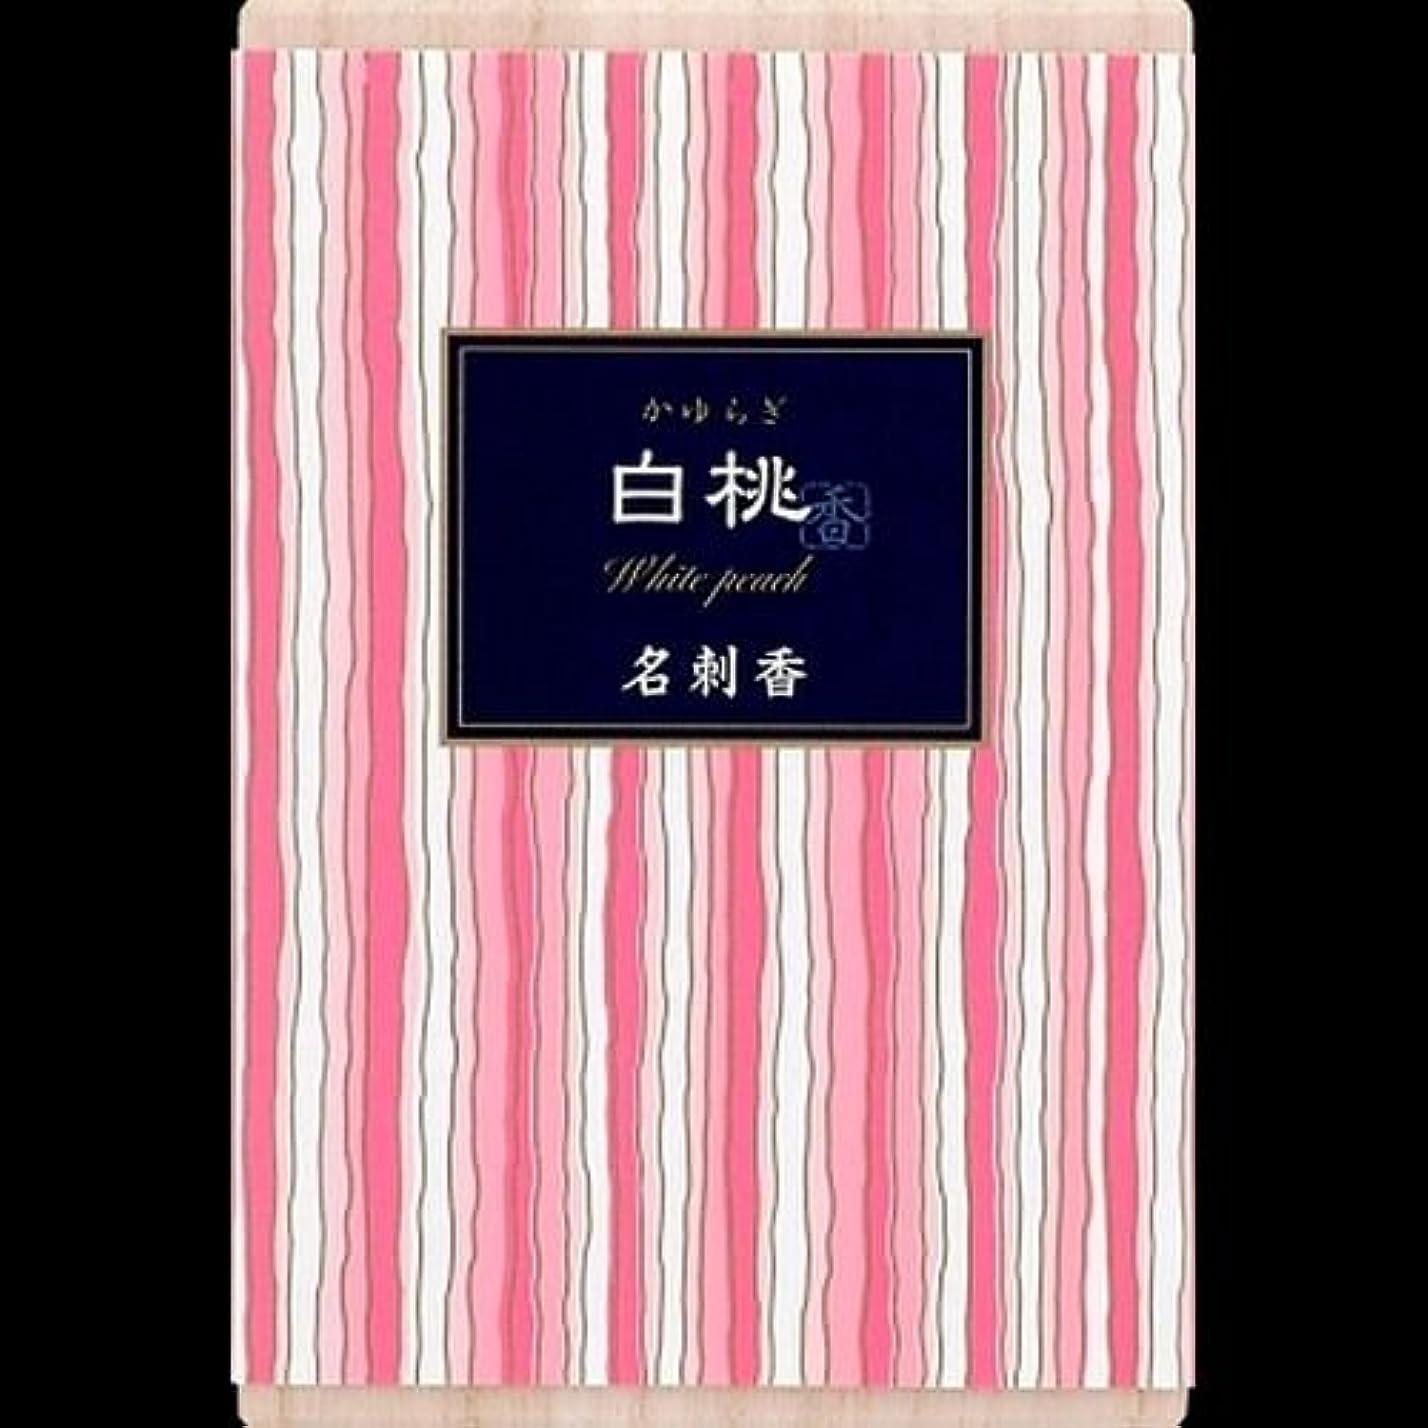 複合ロッカーよろめく【まとめ買い】かゆらぎ 白桃 名刺香 桐箱 6入 ×2セット